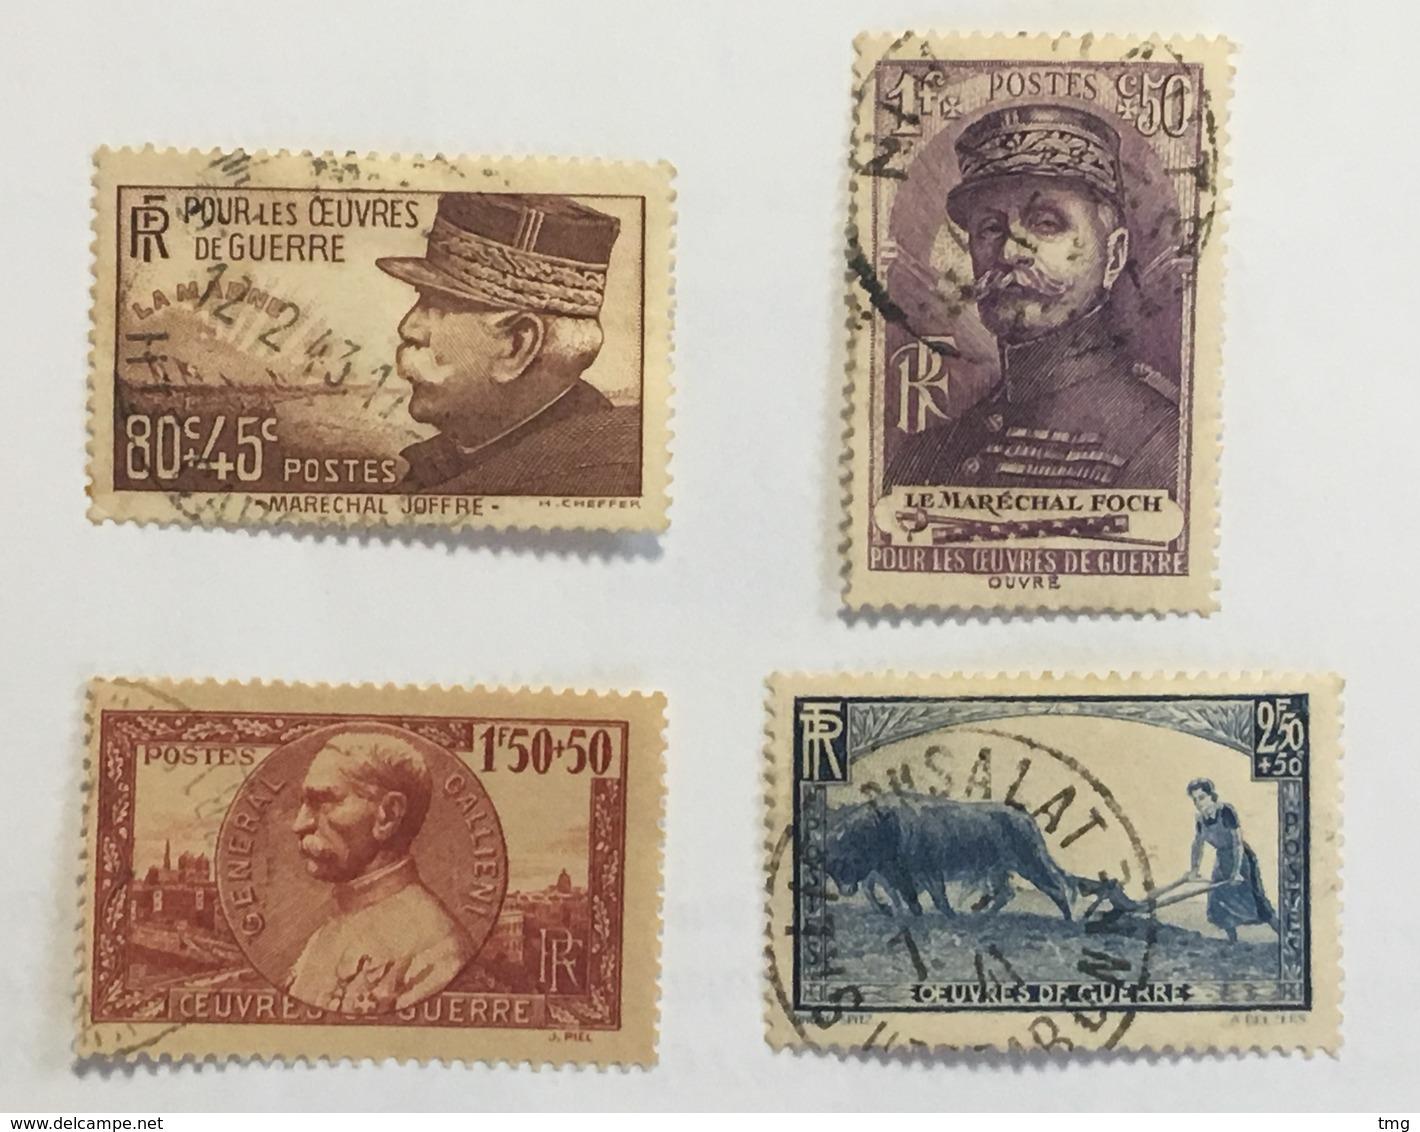 YT 454 à 457 (°) Obl 1940, Œuvres De Guerre Joffre, Foch, Gallieni, La Femme Au Labour (côte 31 Euros) – 65g - Frankreich